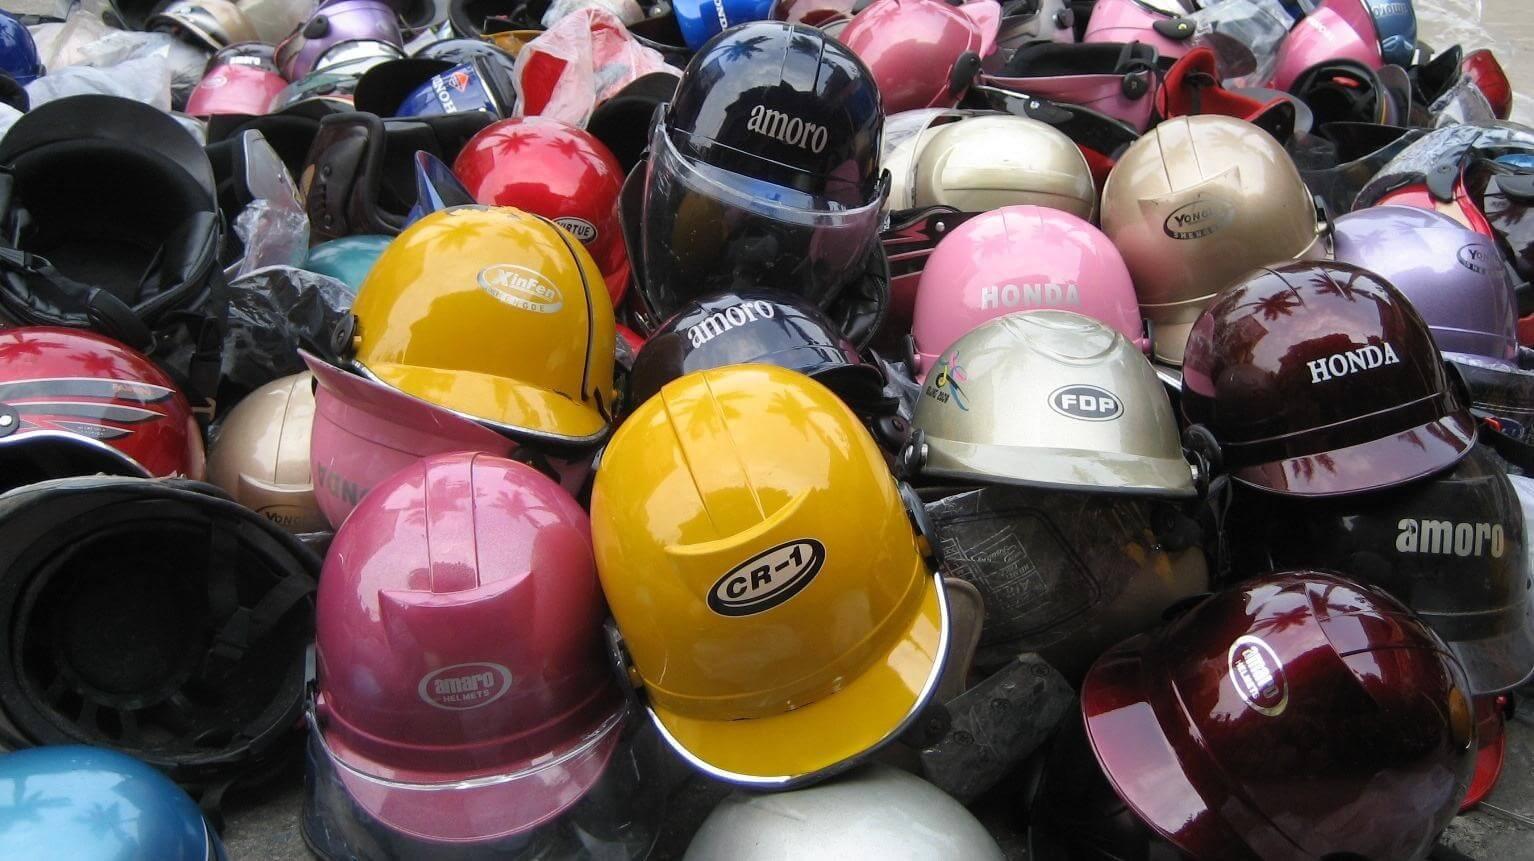 Lấy sỉ tại chợ sỉ nón bảo hiểm không tránh khỏi hàng dả, hàng nhái trà trộn